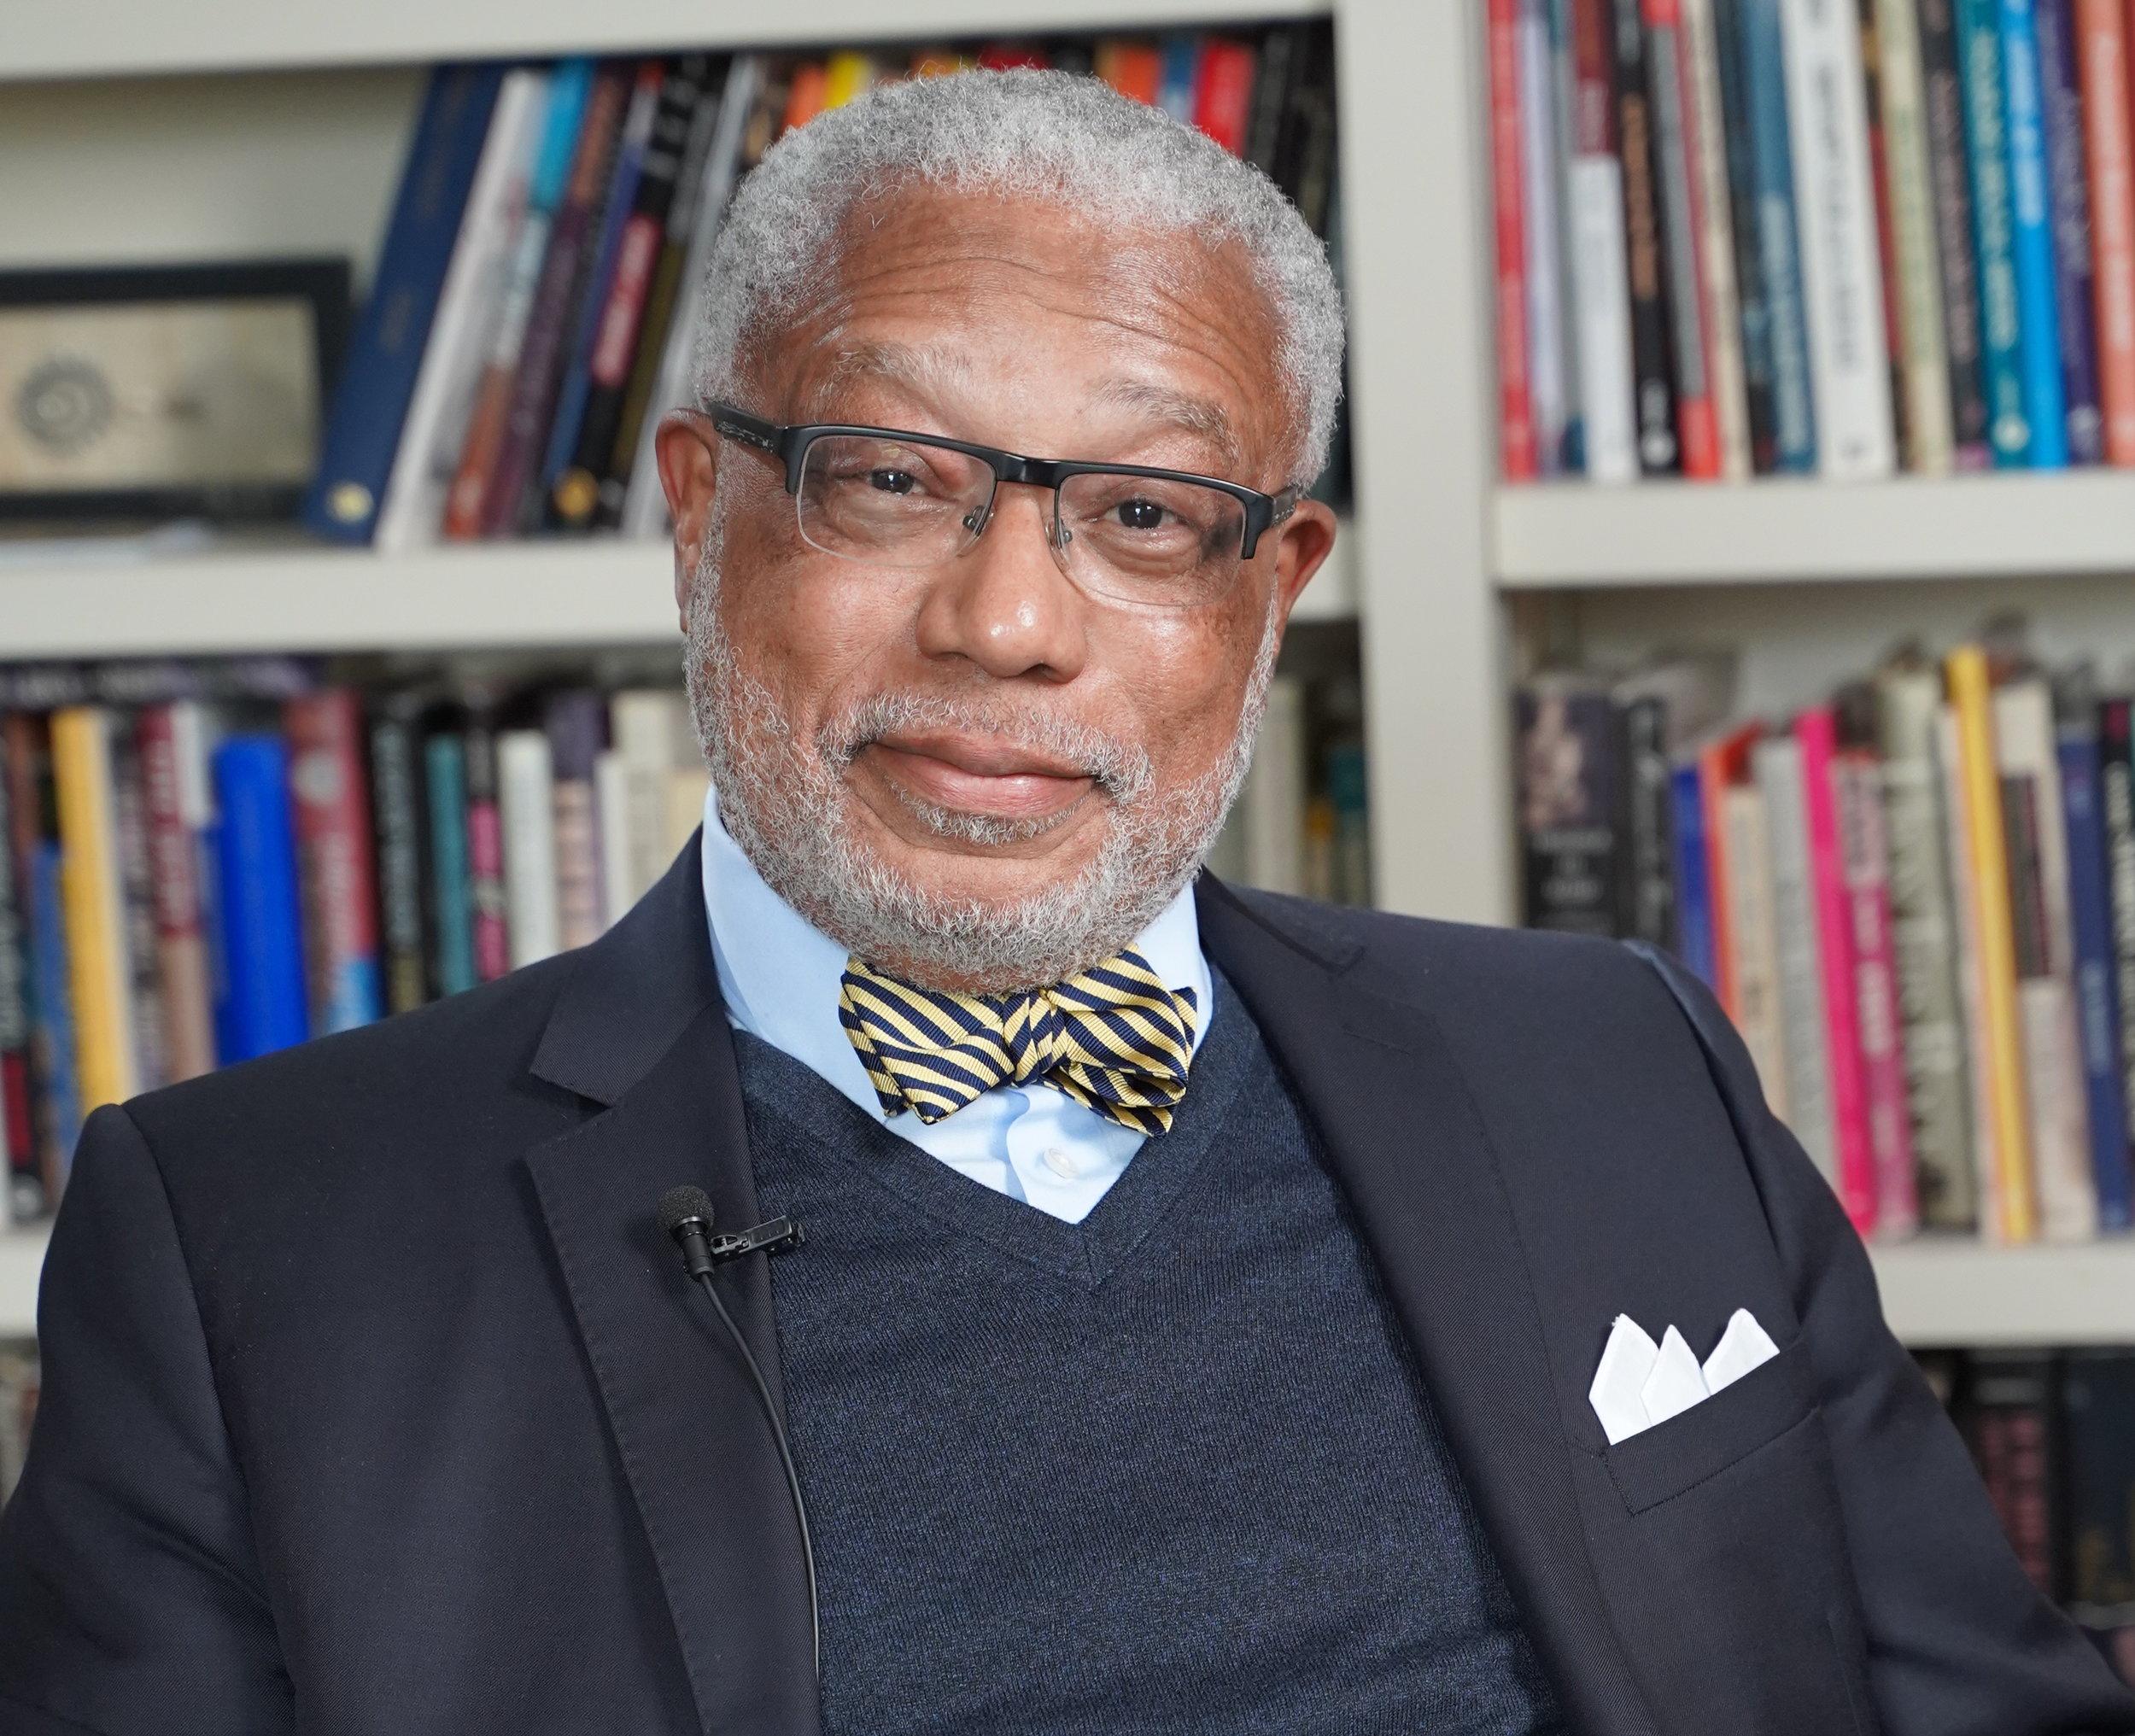 Walter Fluker, Boston University